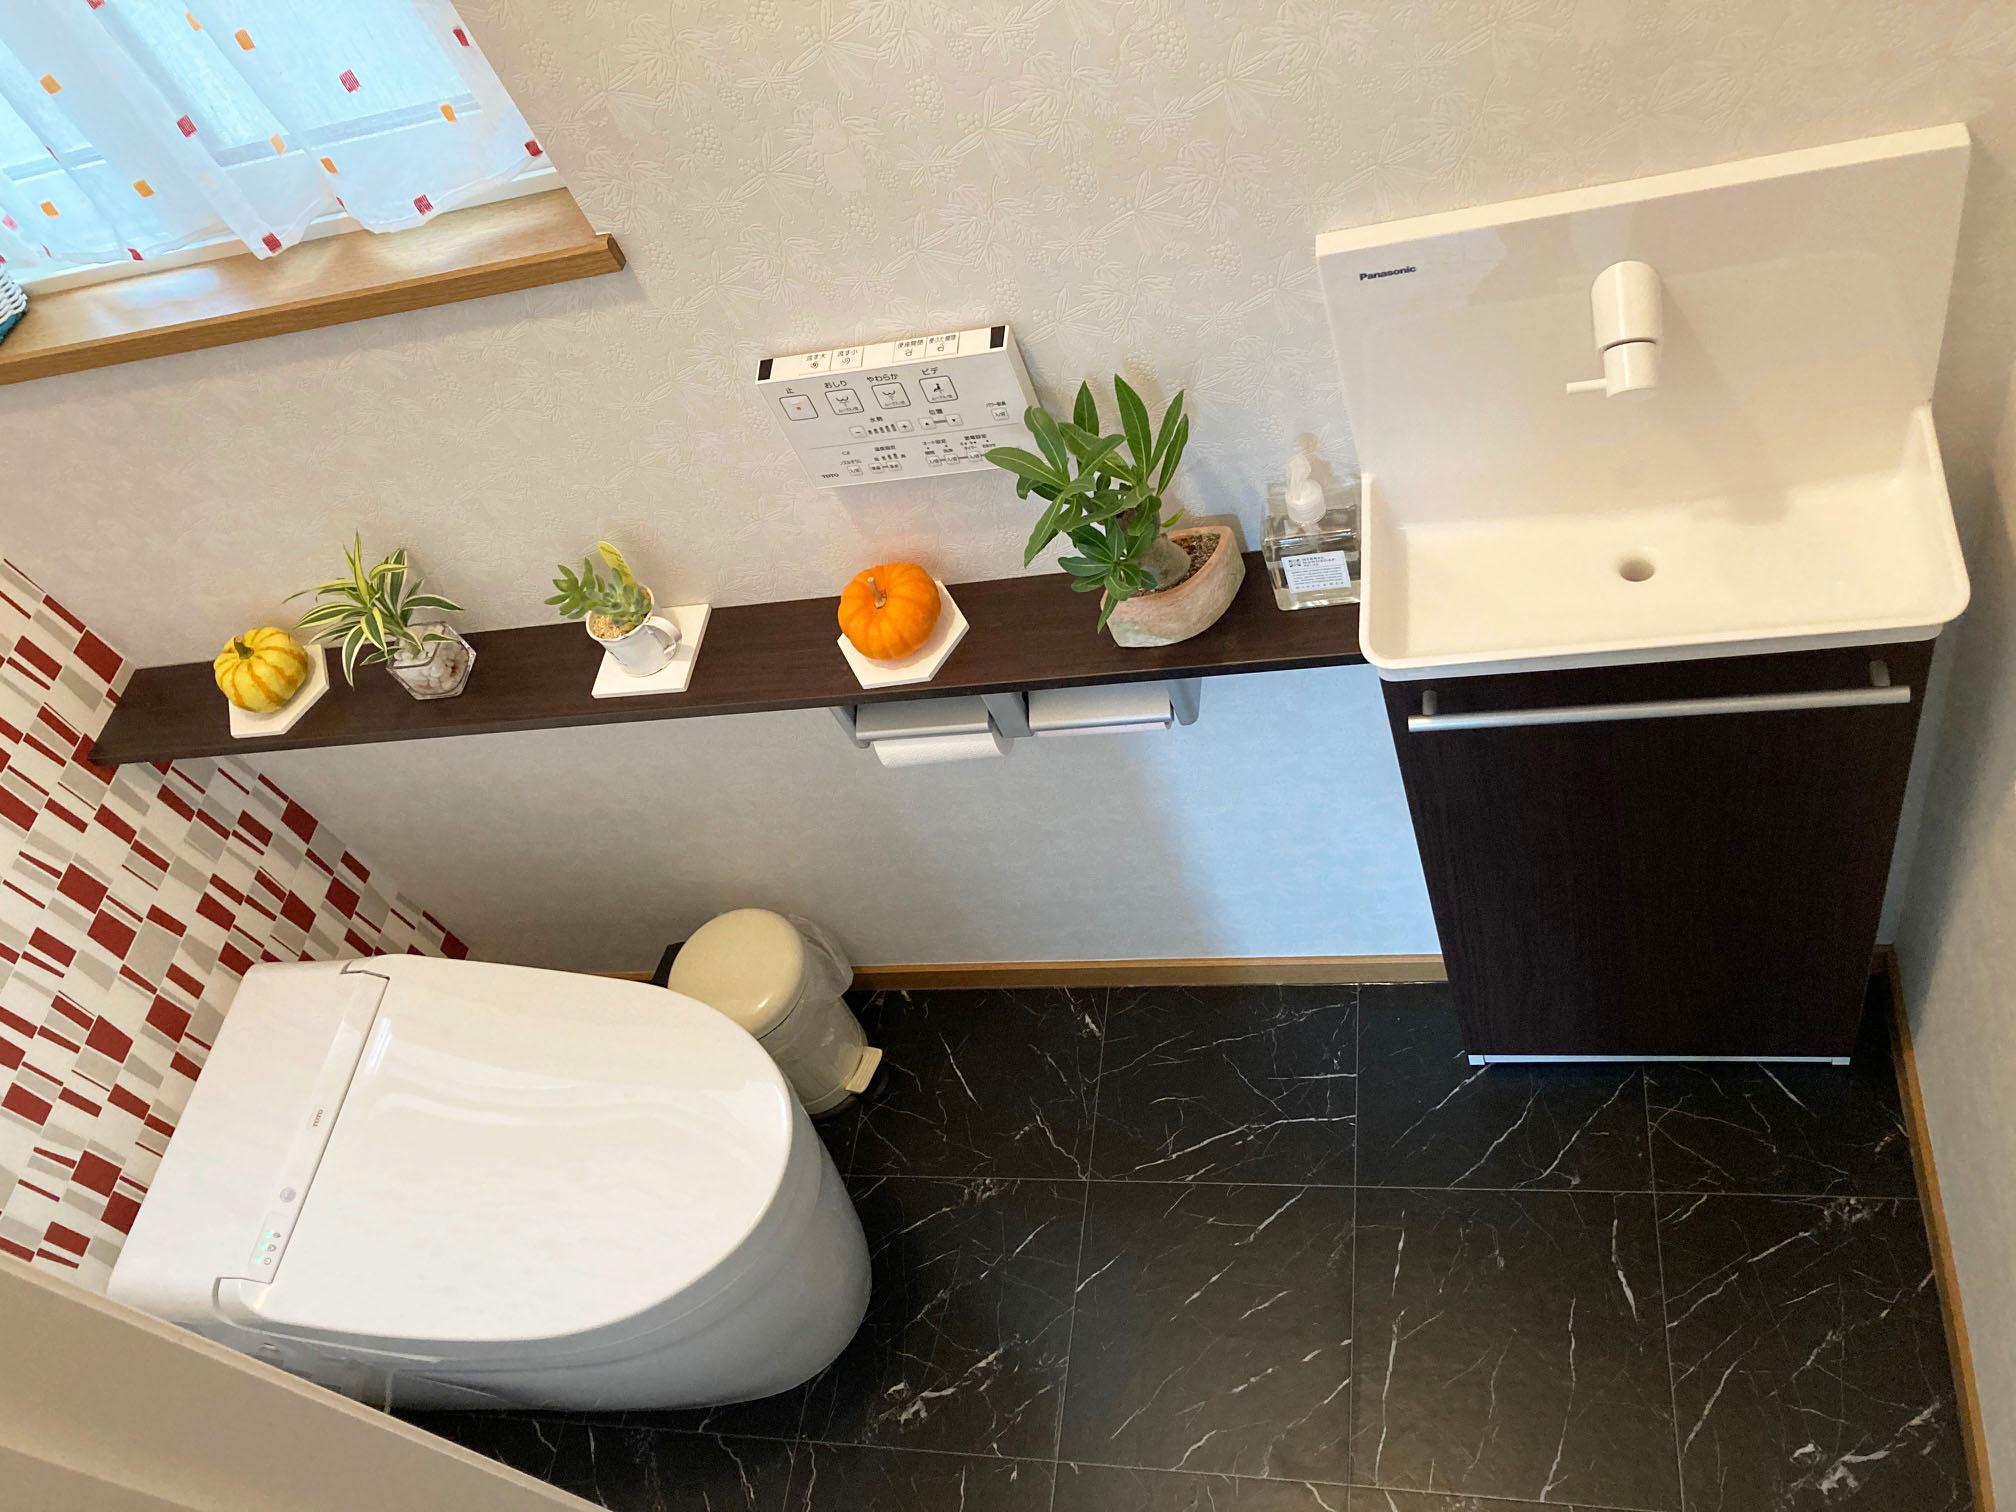 季節の小物も飾れる自分好みのトイレに改装